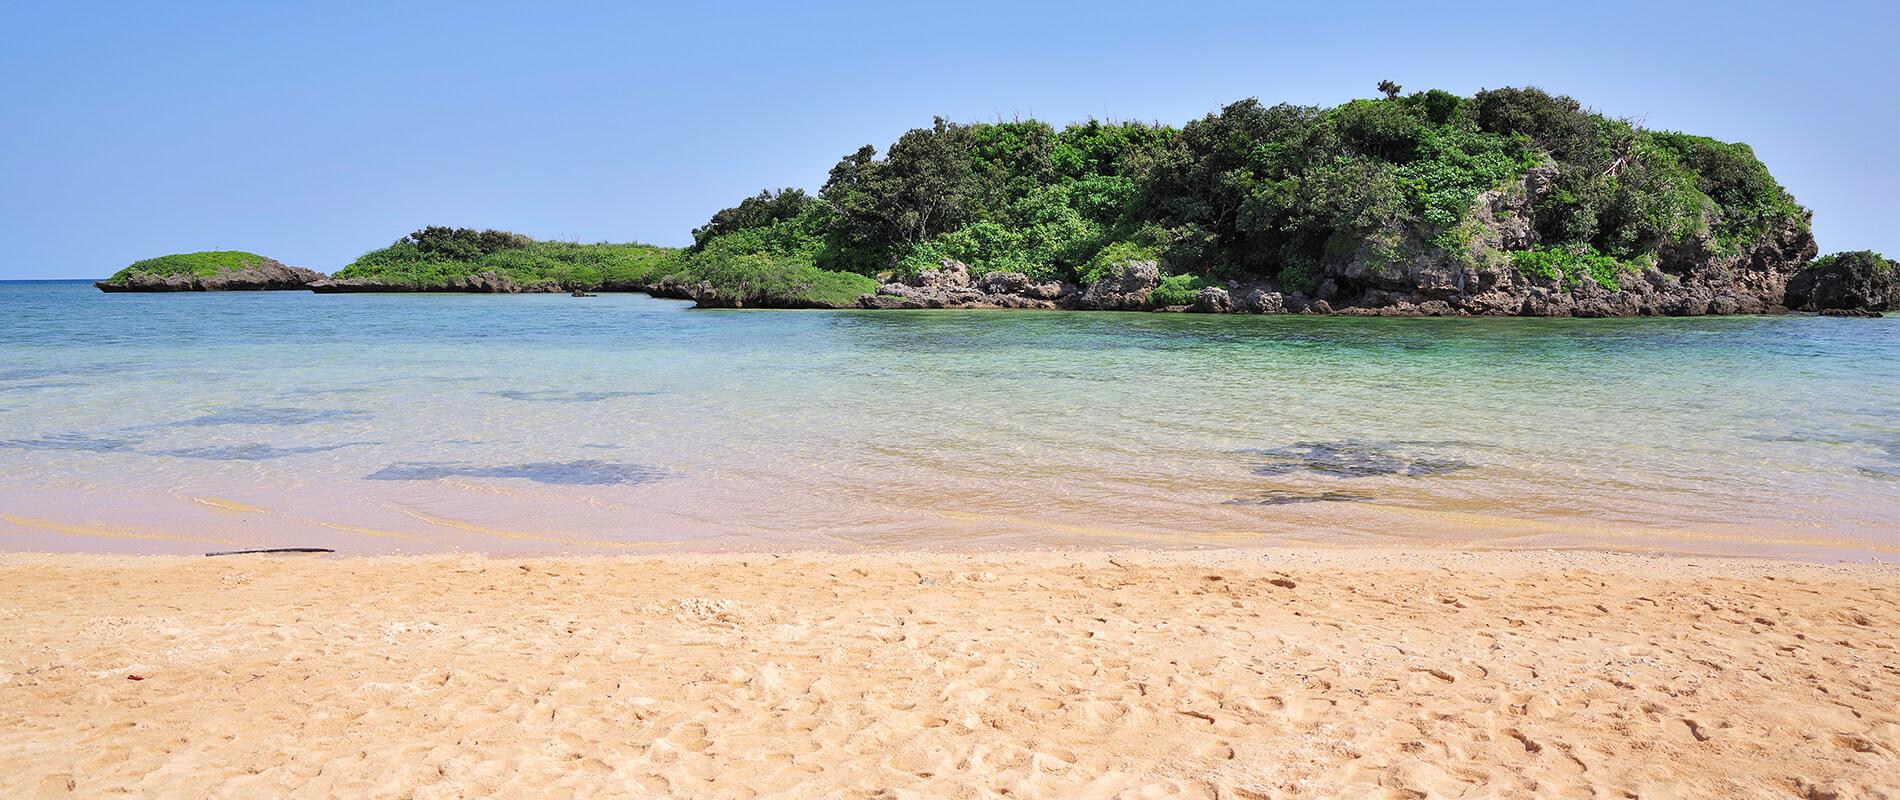 Hoshizuna-no-Hama, bãi biển đầy sao của Nhật Bản. Anh: My best place